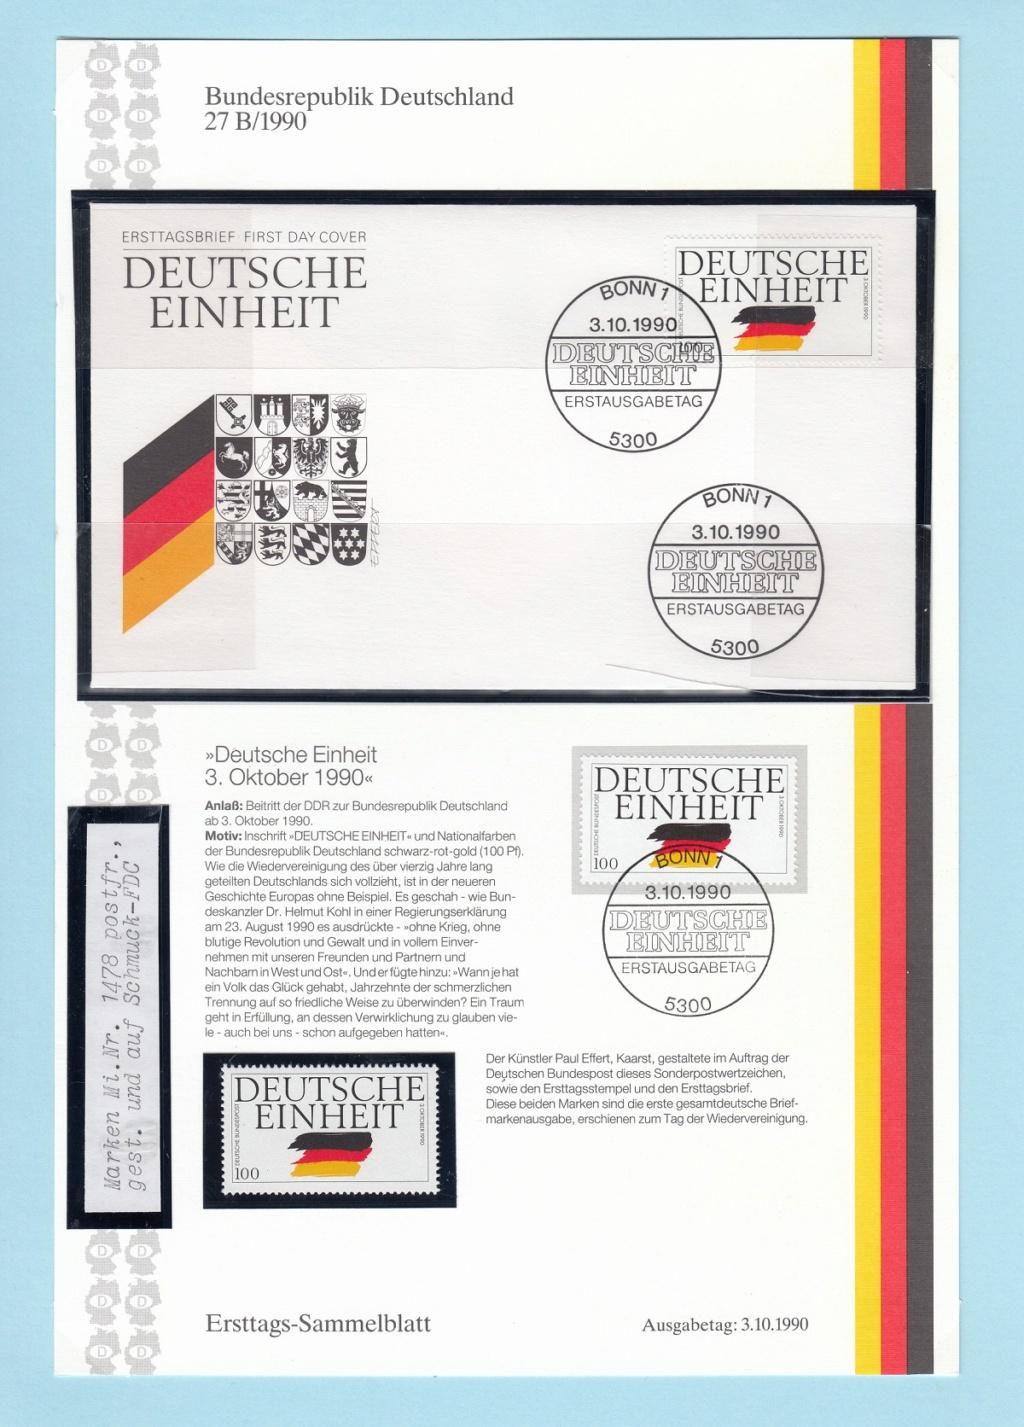 Die Vereinigung von West- und Mitteldeutschland vor 30 Jahren D1910